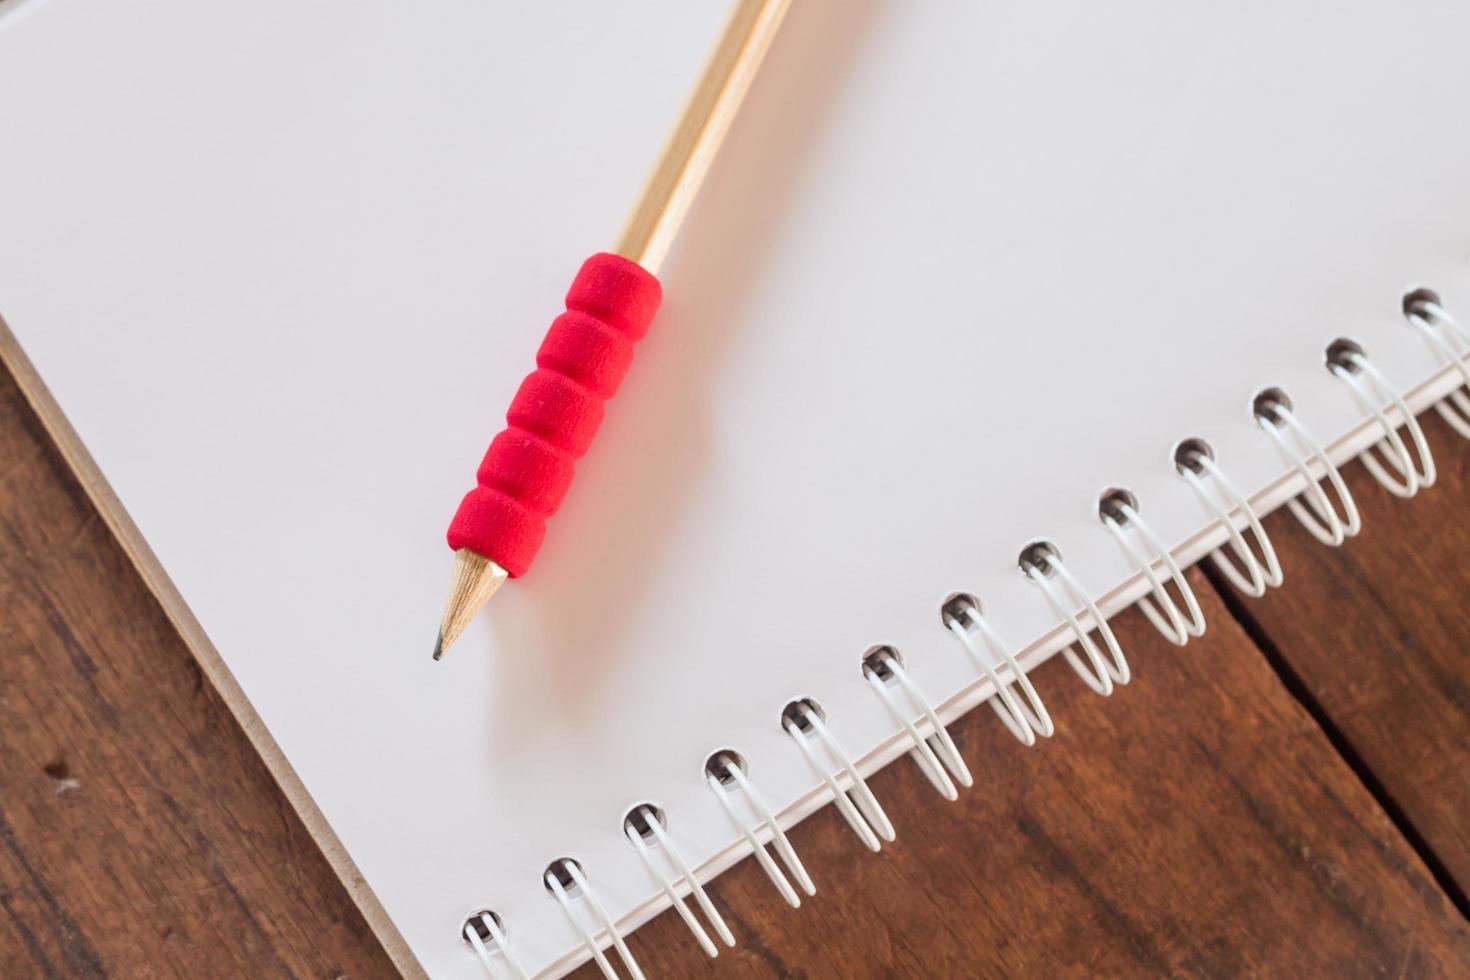 Nahaufnahme eines Bleistifts auf Papier foto